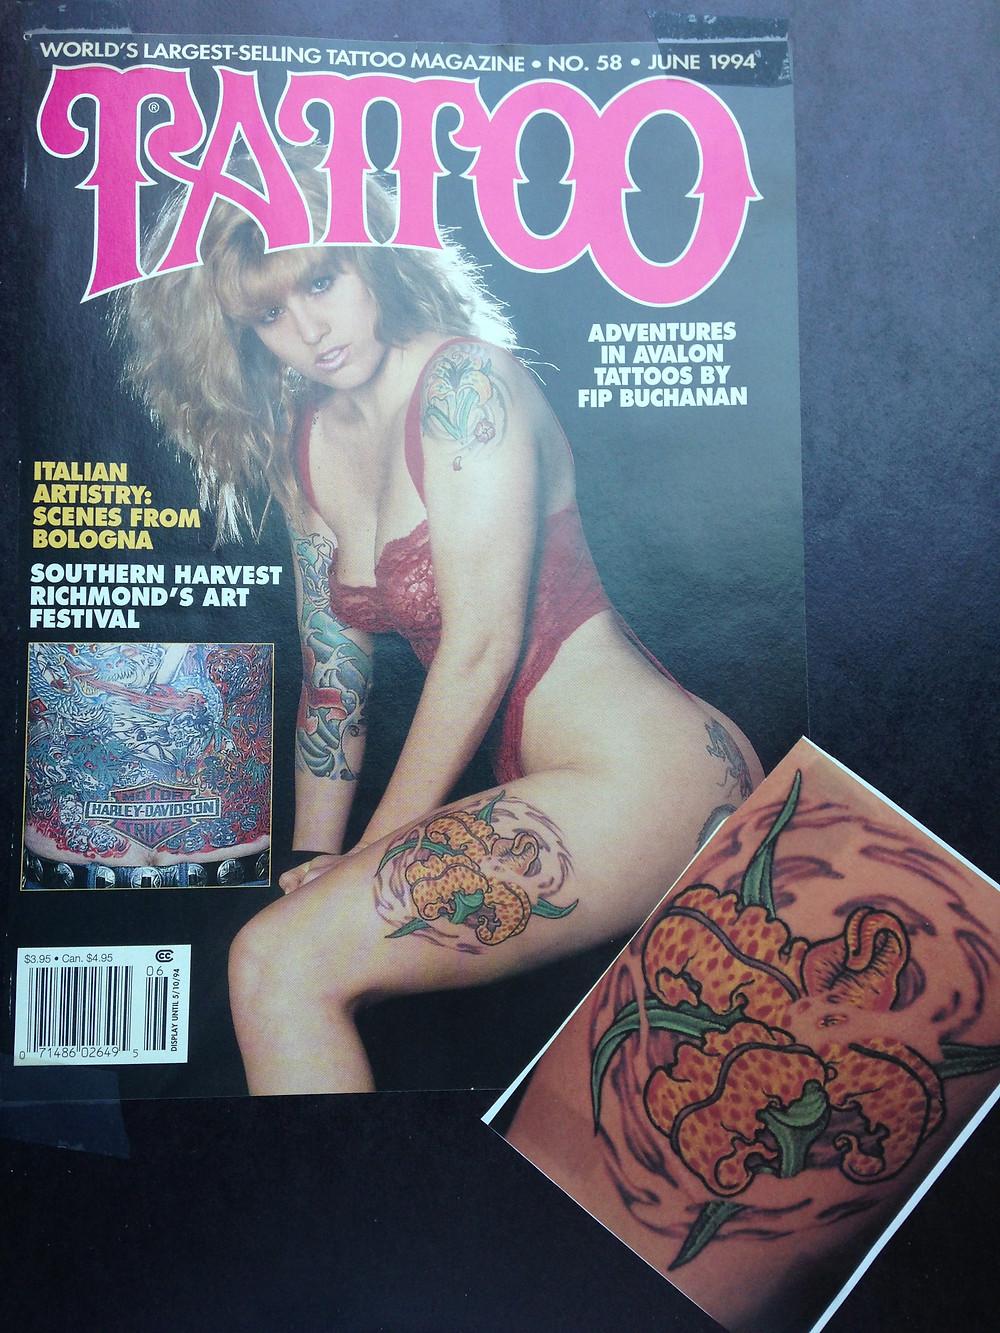 Tattoo Magazine June 1994